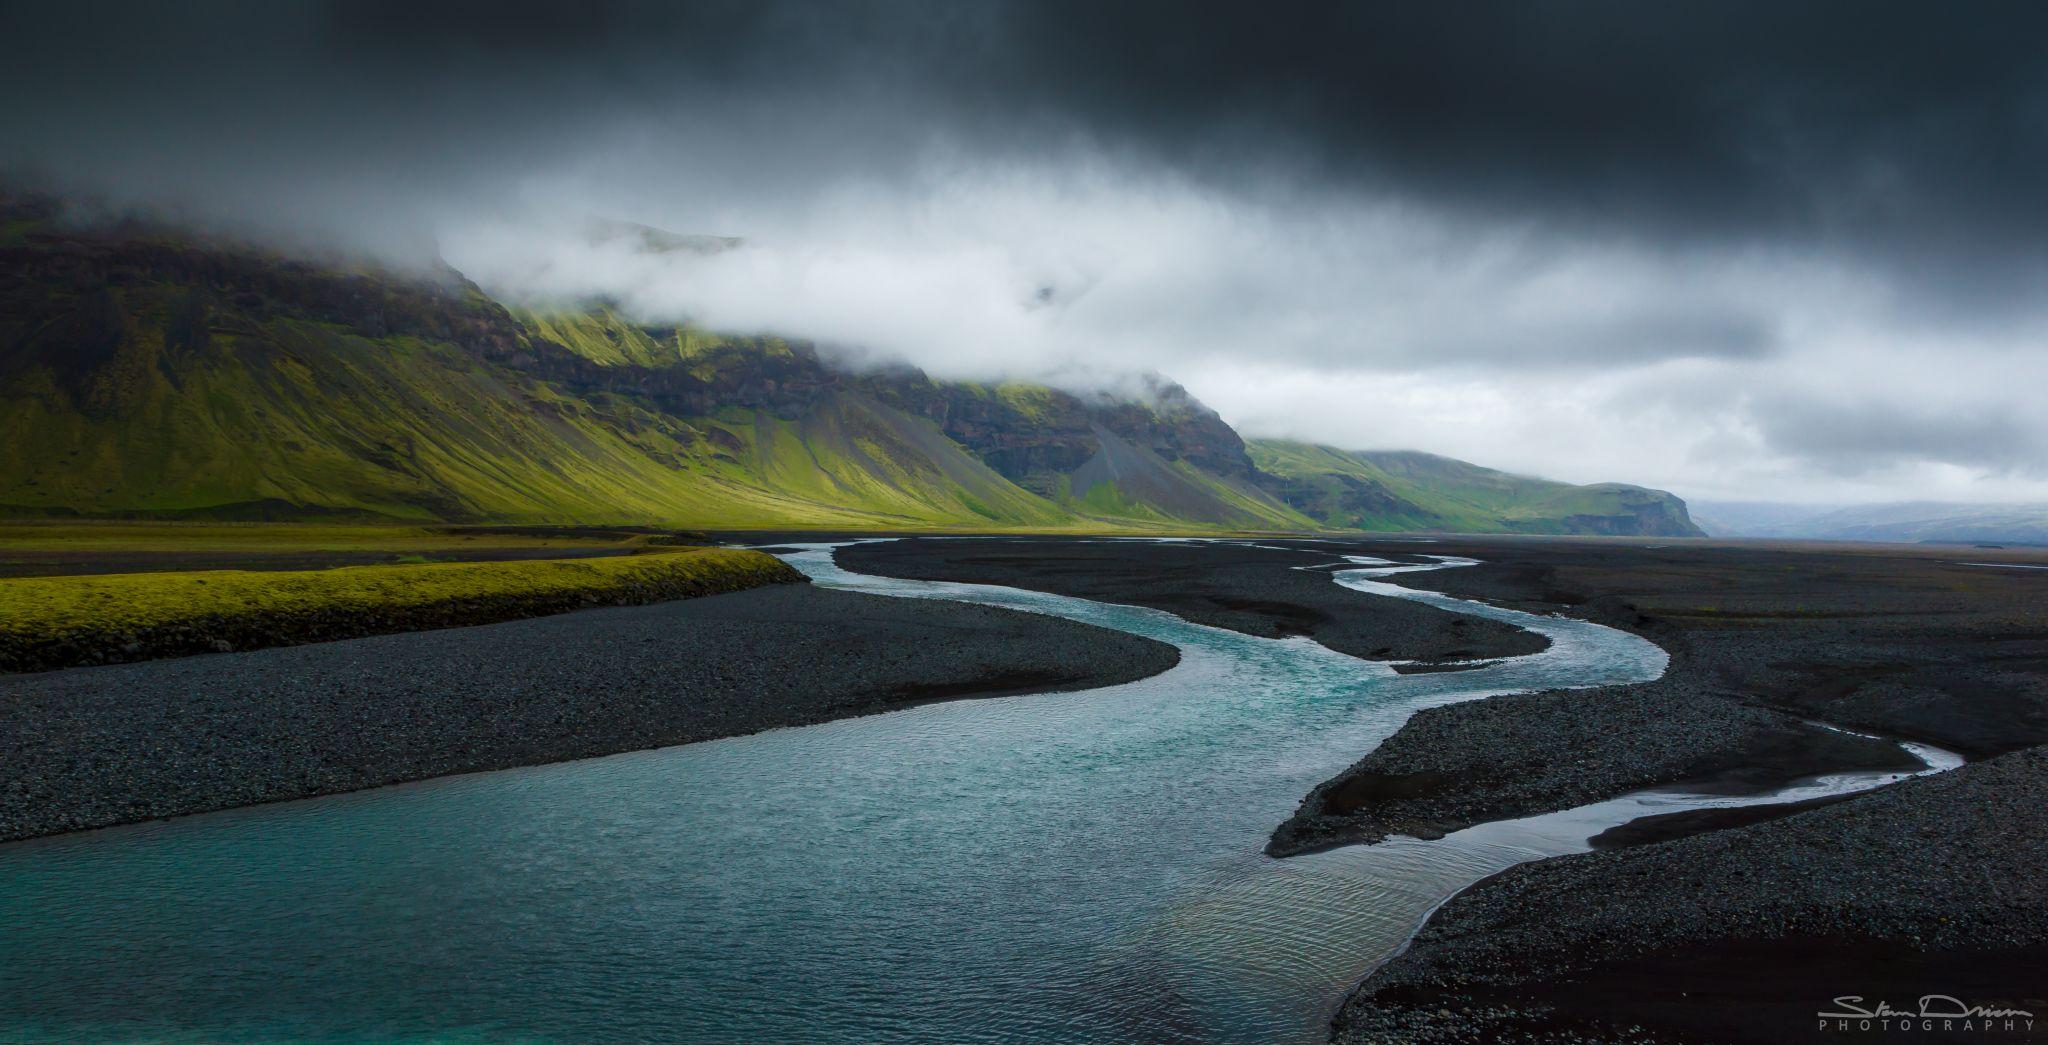 Iceland river delta, Iceland